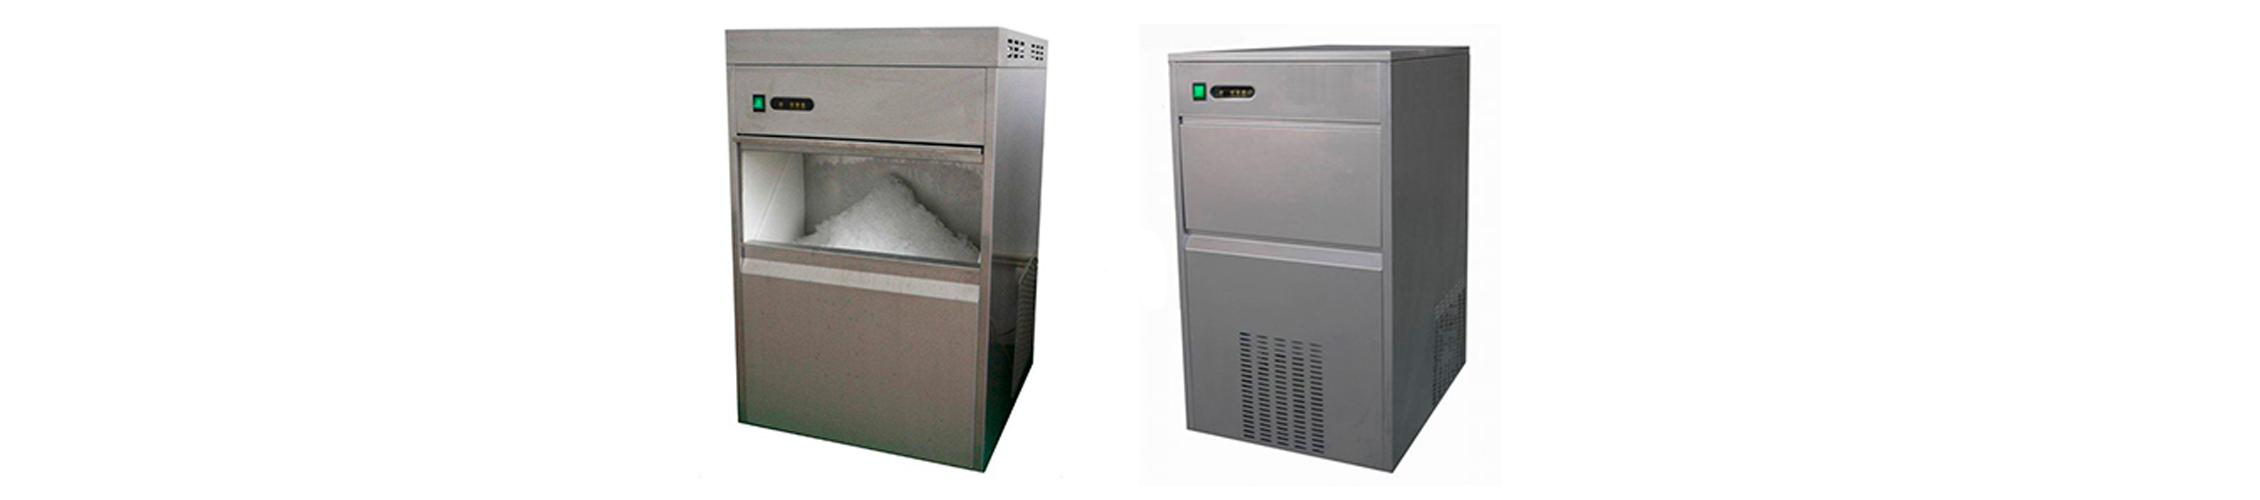 Máquina de Gelo (IMAGEM MERAMENTE ILUSTRATIVA)